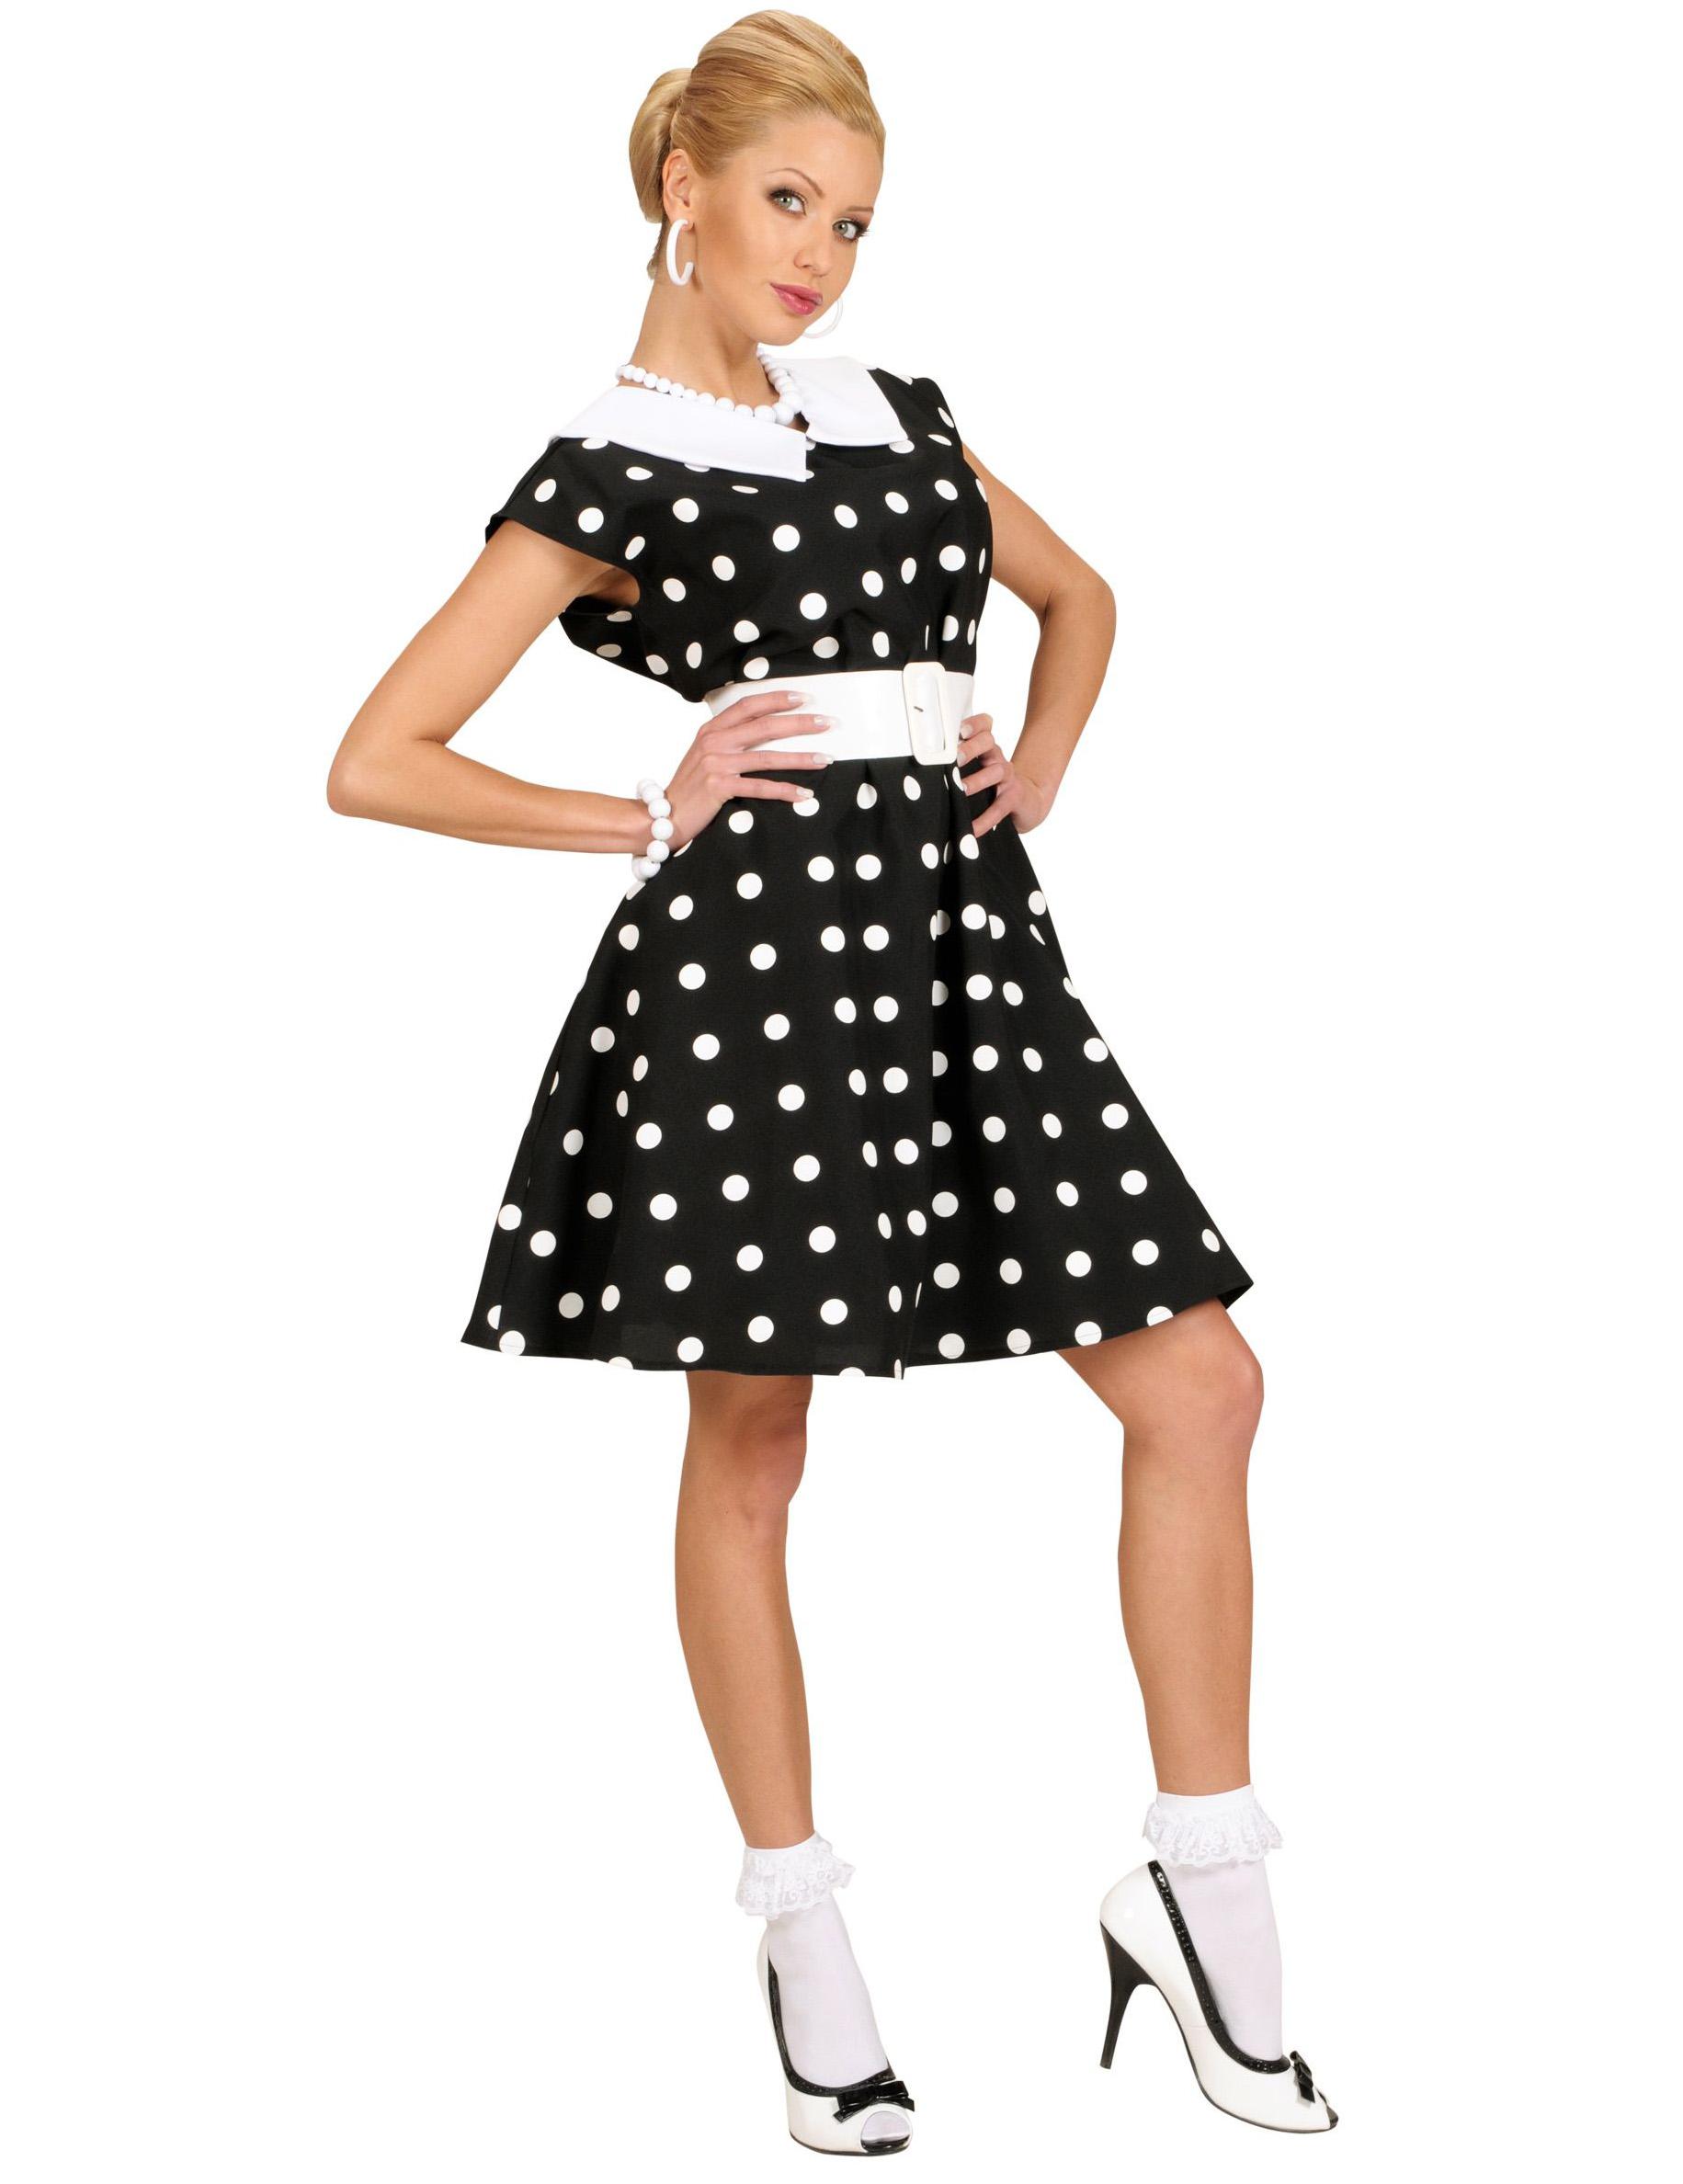 Costume anni  60 nero a pois per donna su VegaooParty 4344f82a50b